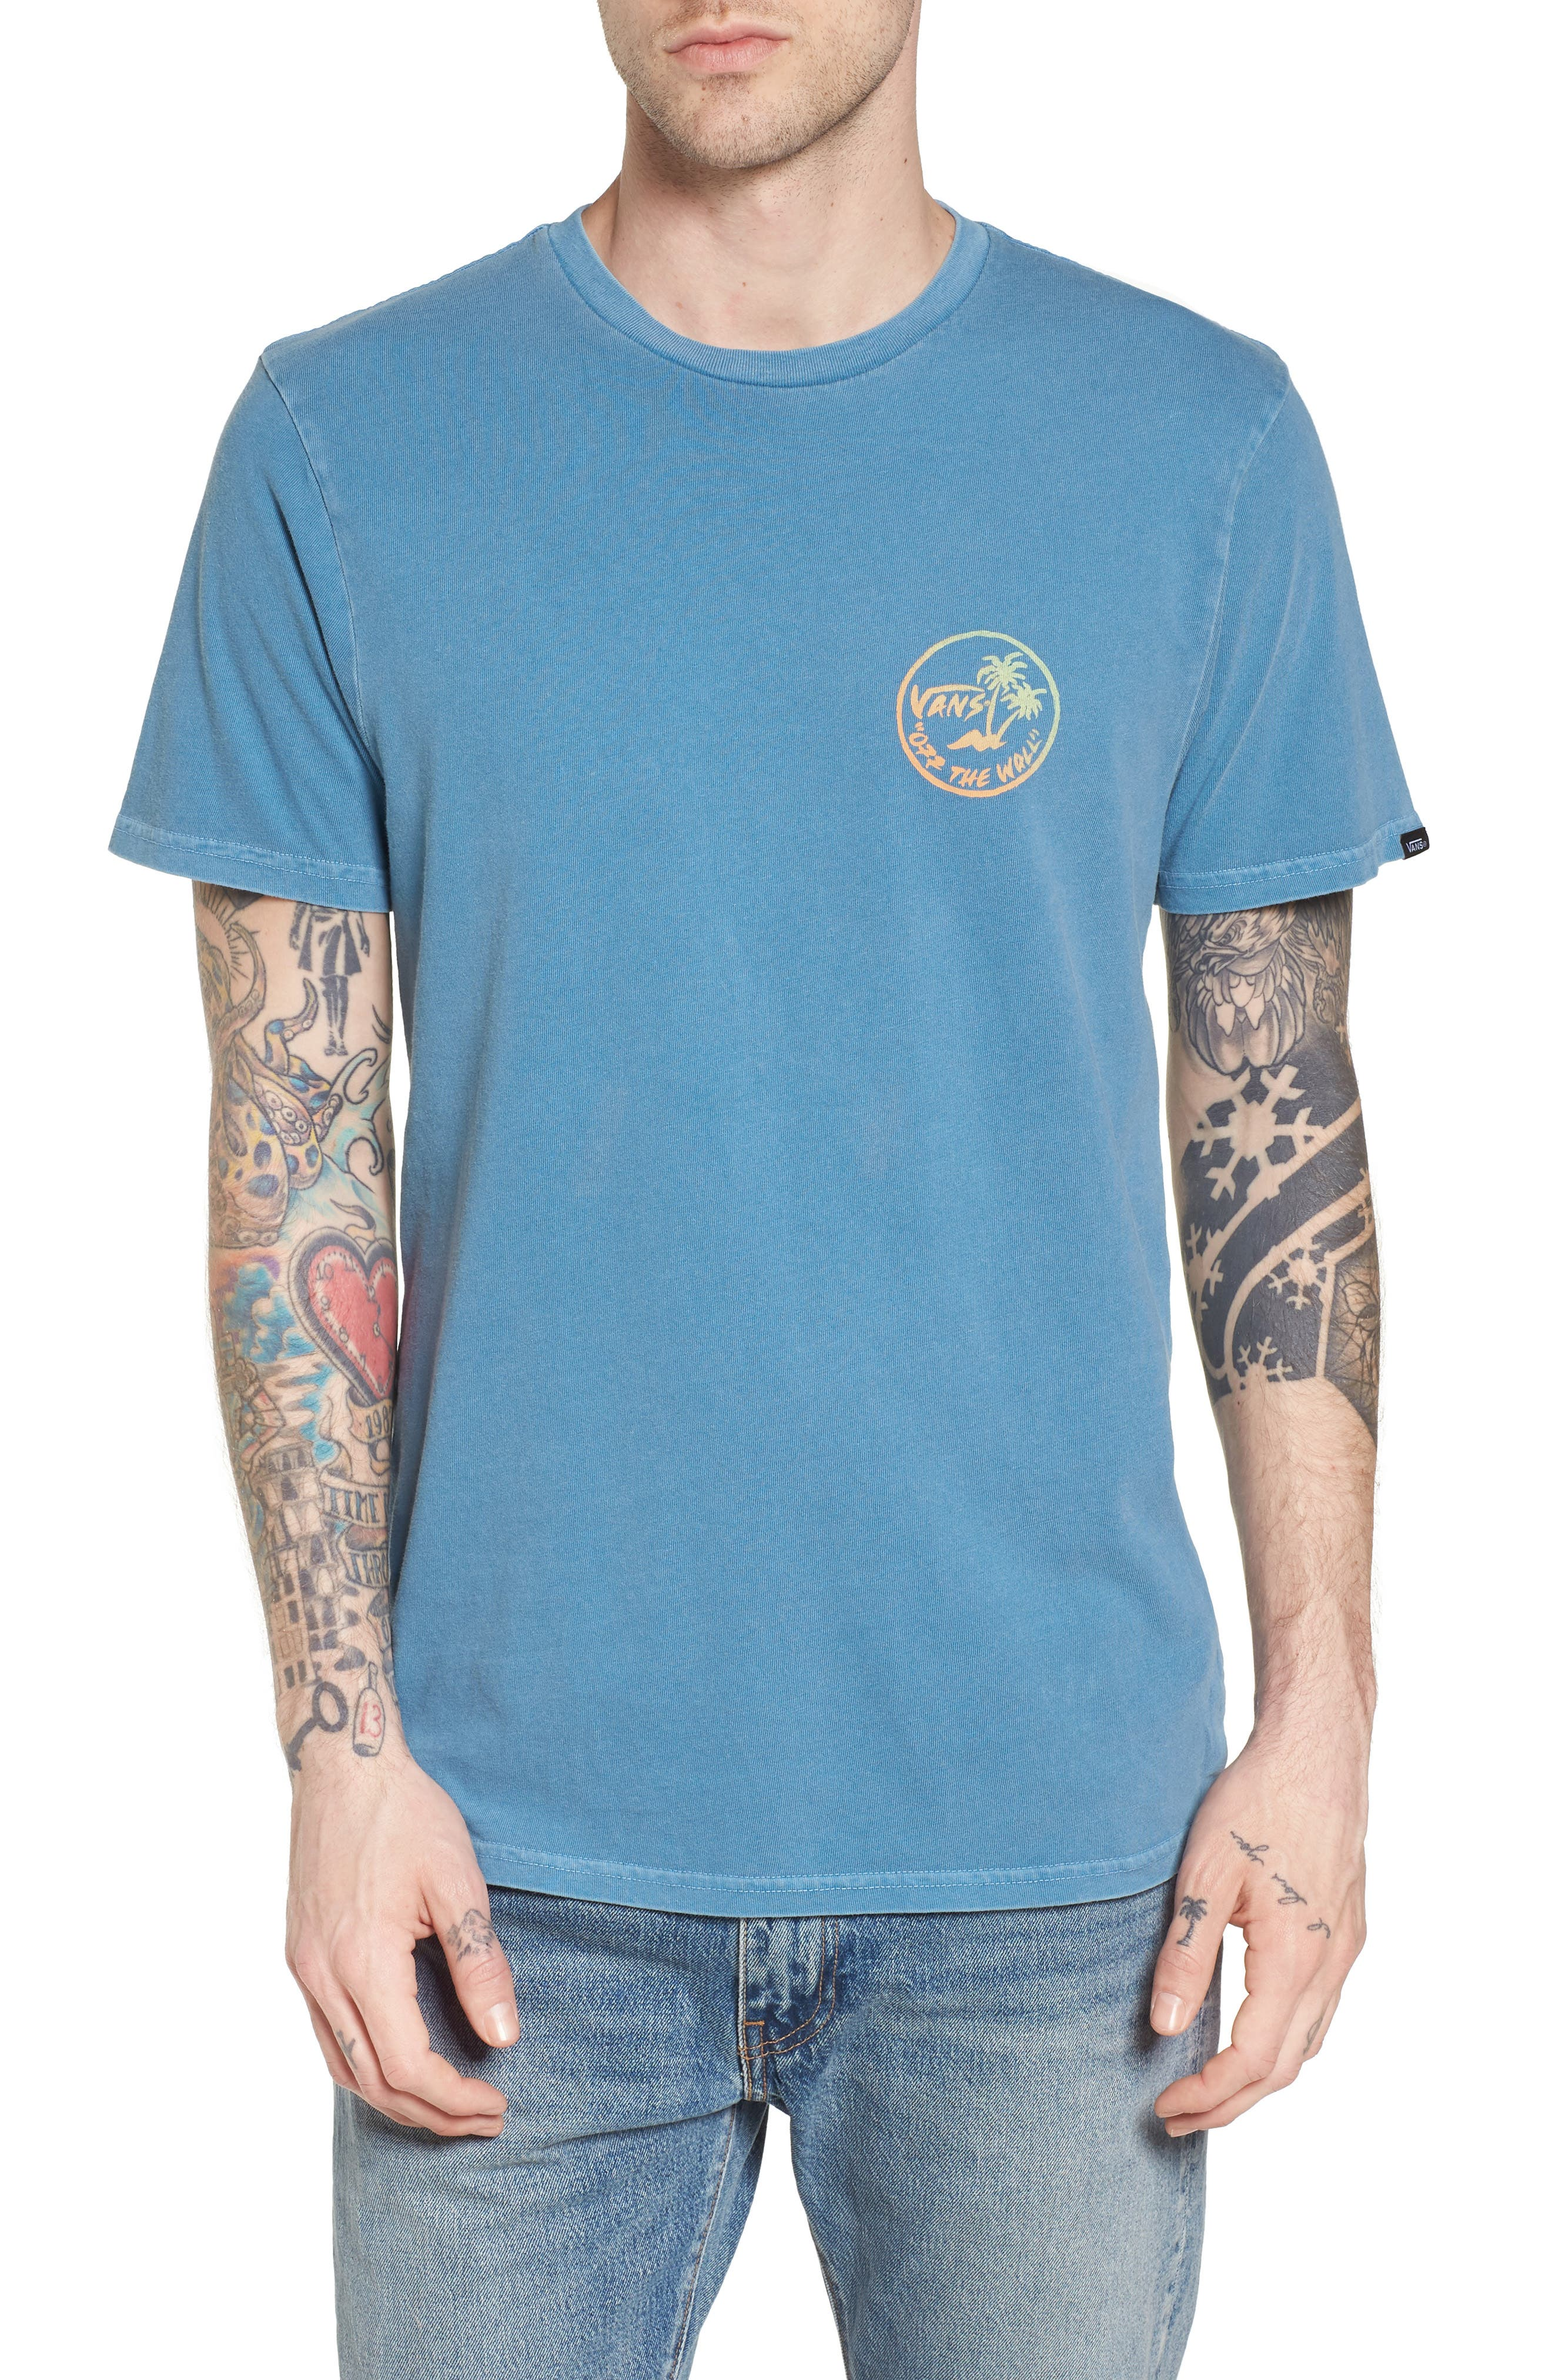 Vintage Palm Graphic T-Shirt,                         Main,                         color, 420